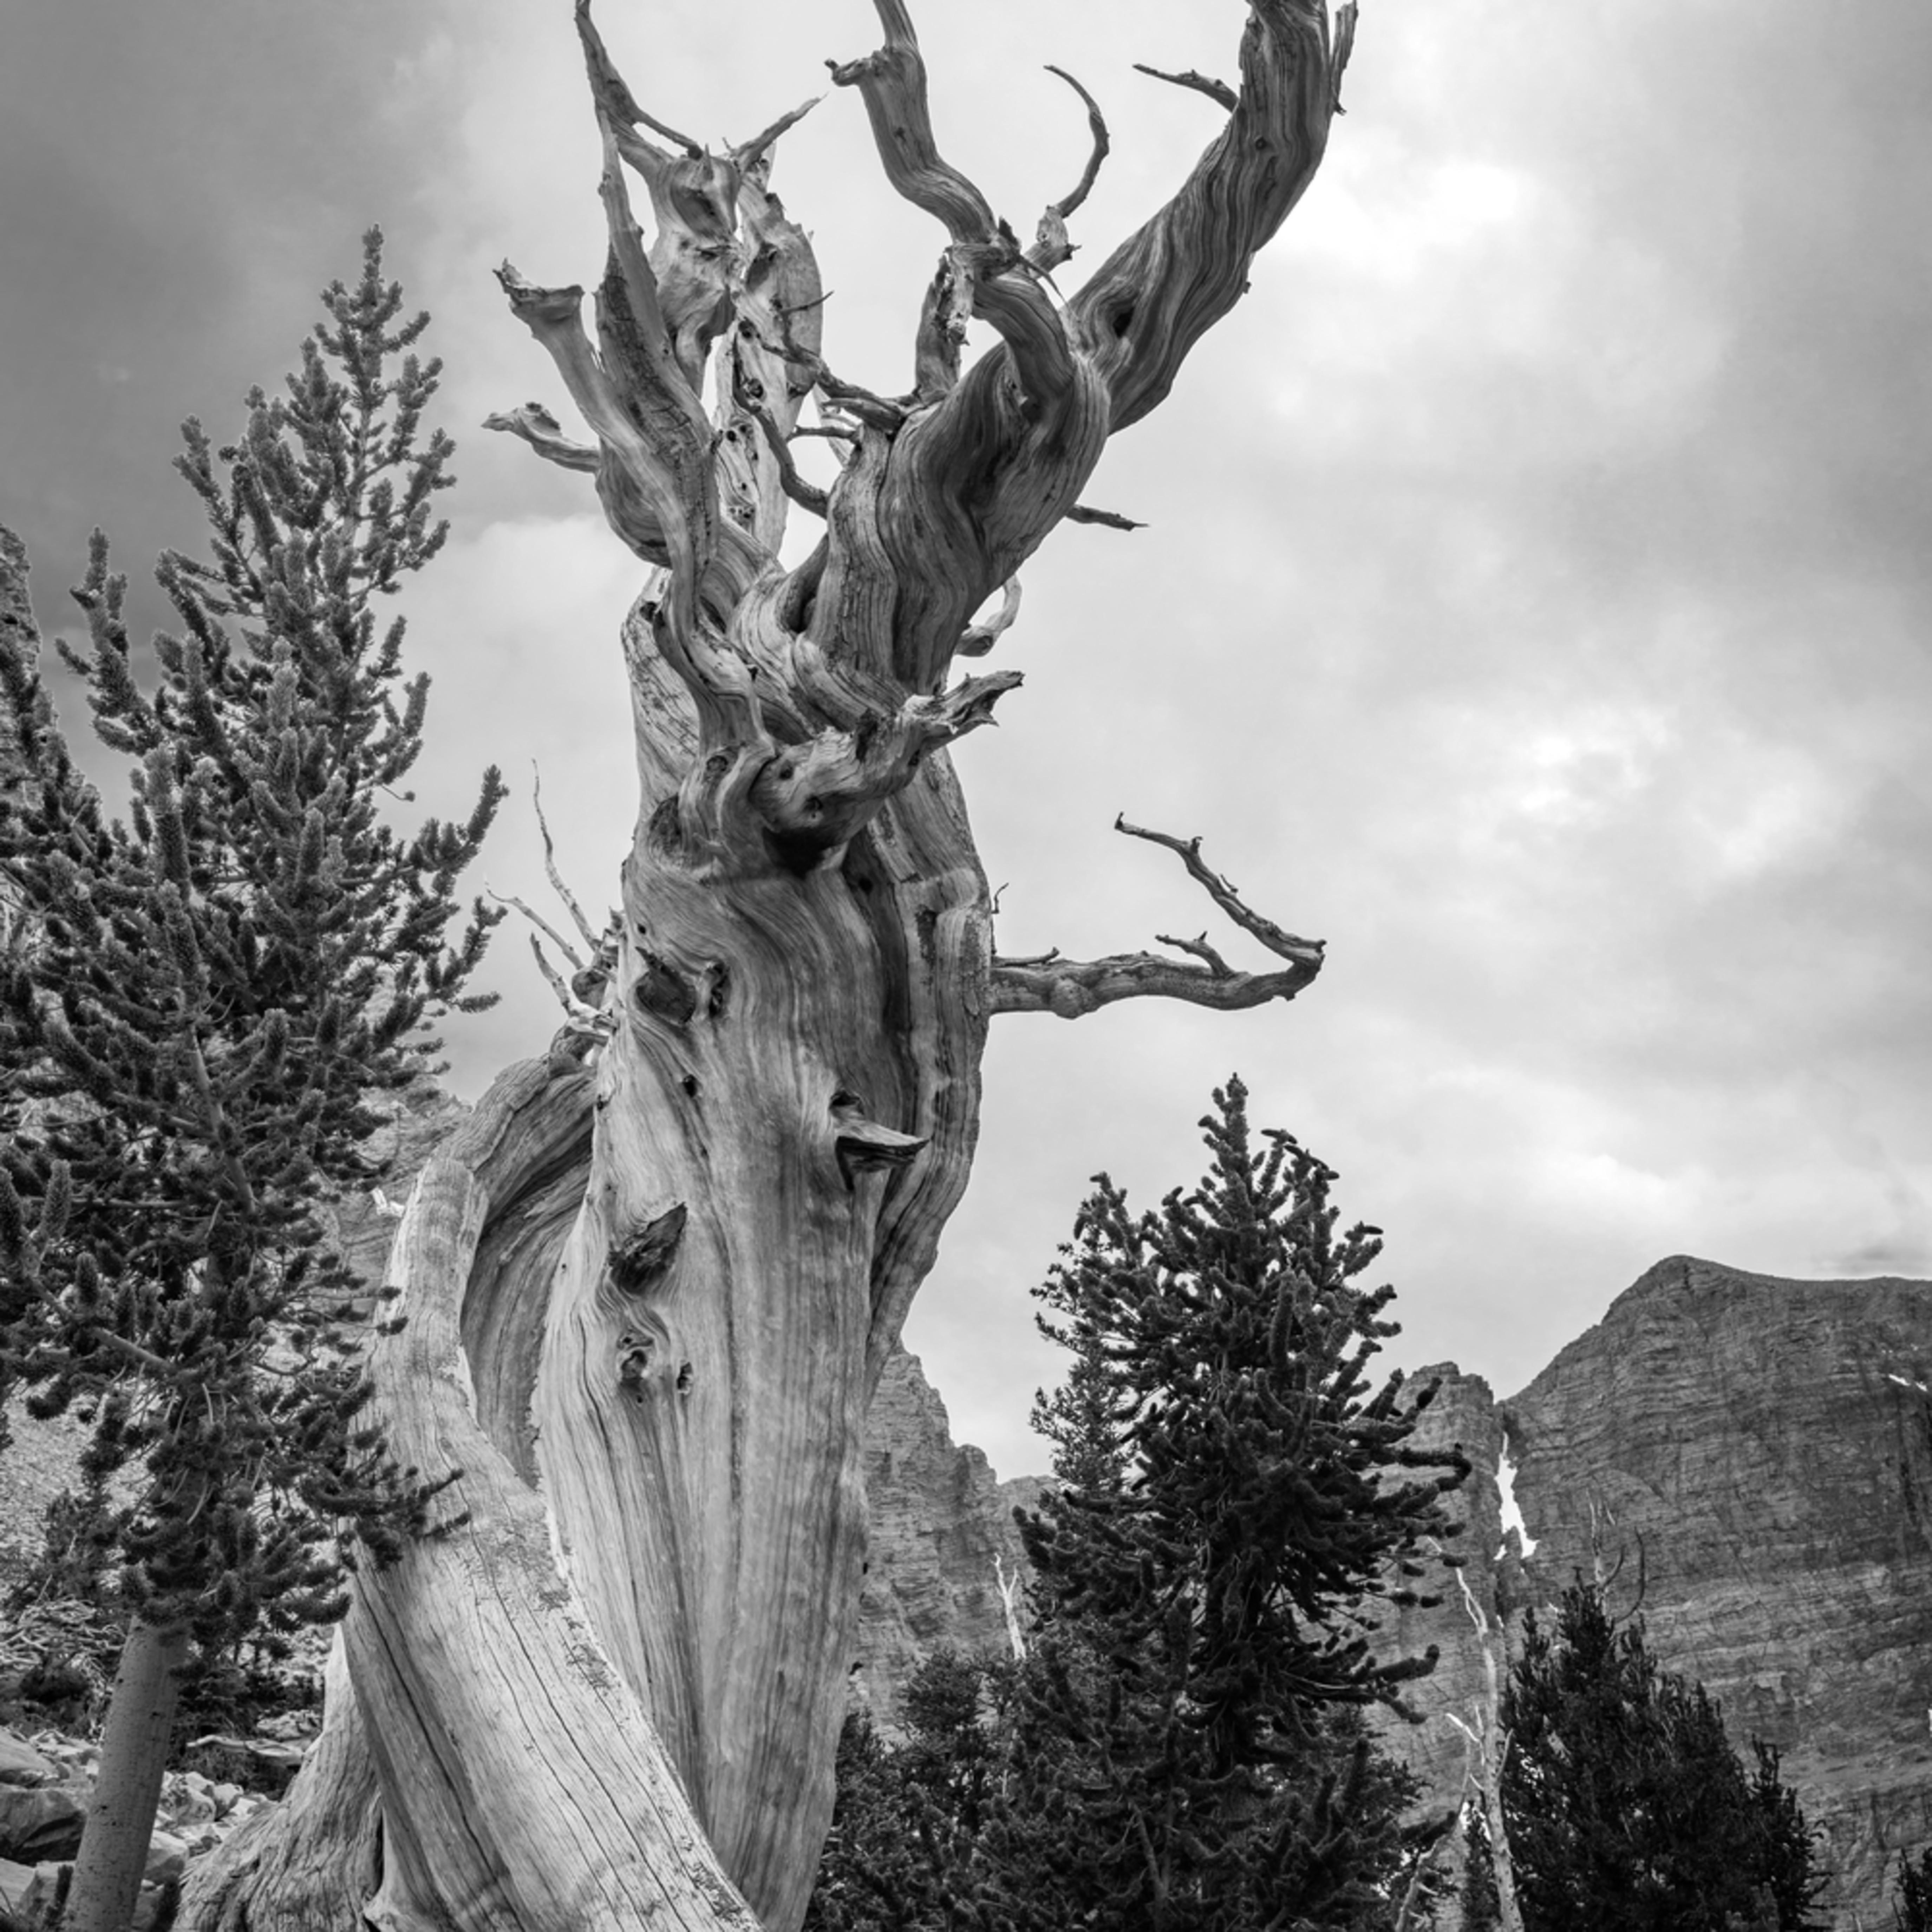 Bristlecone pine e9swjq